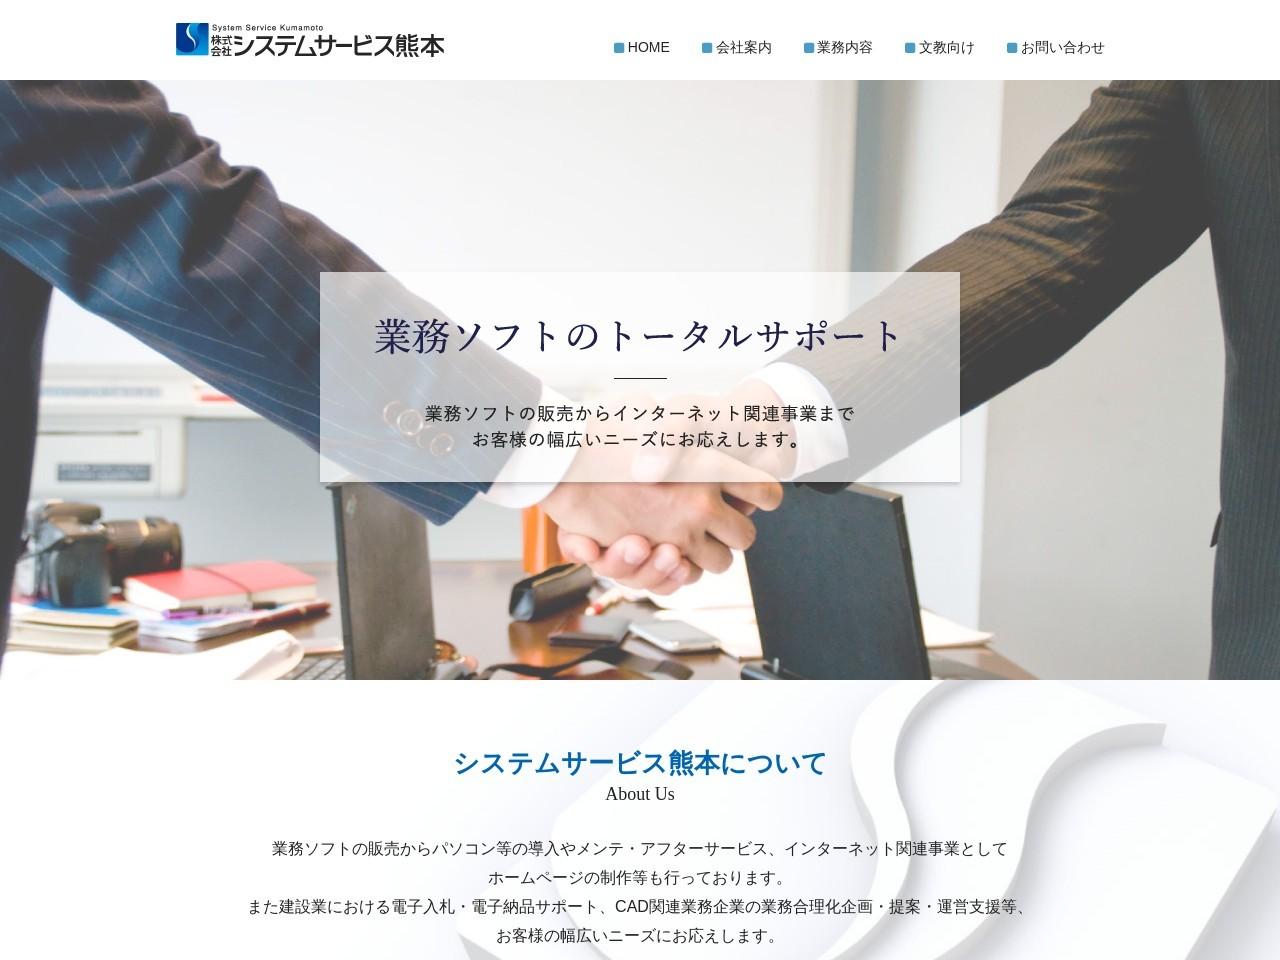 株式会社システムサービス熊本